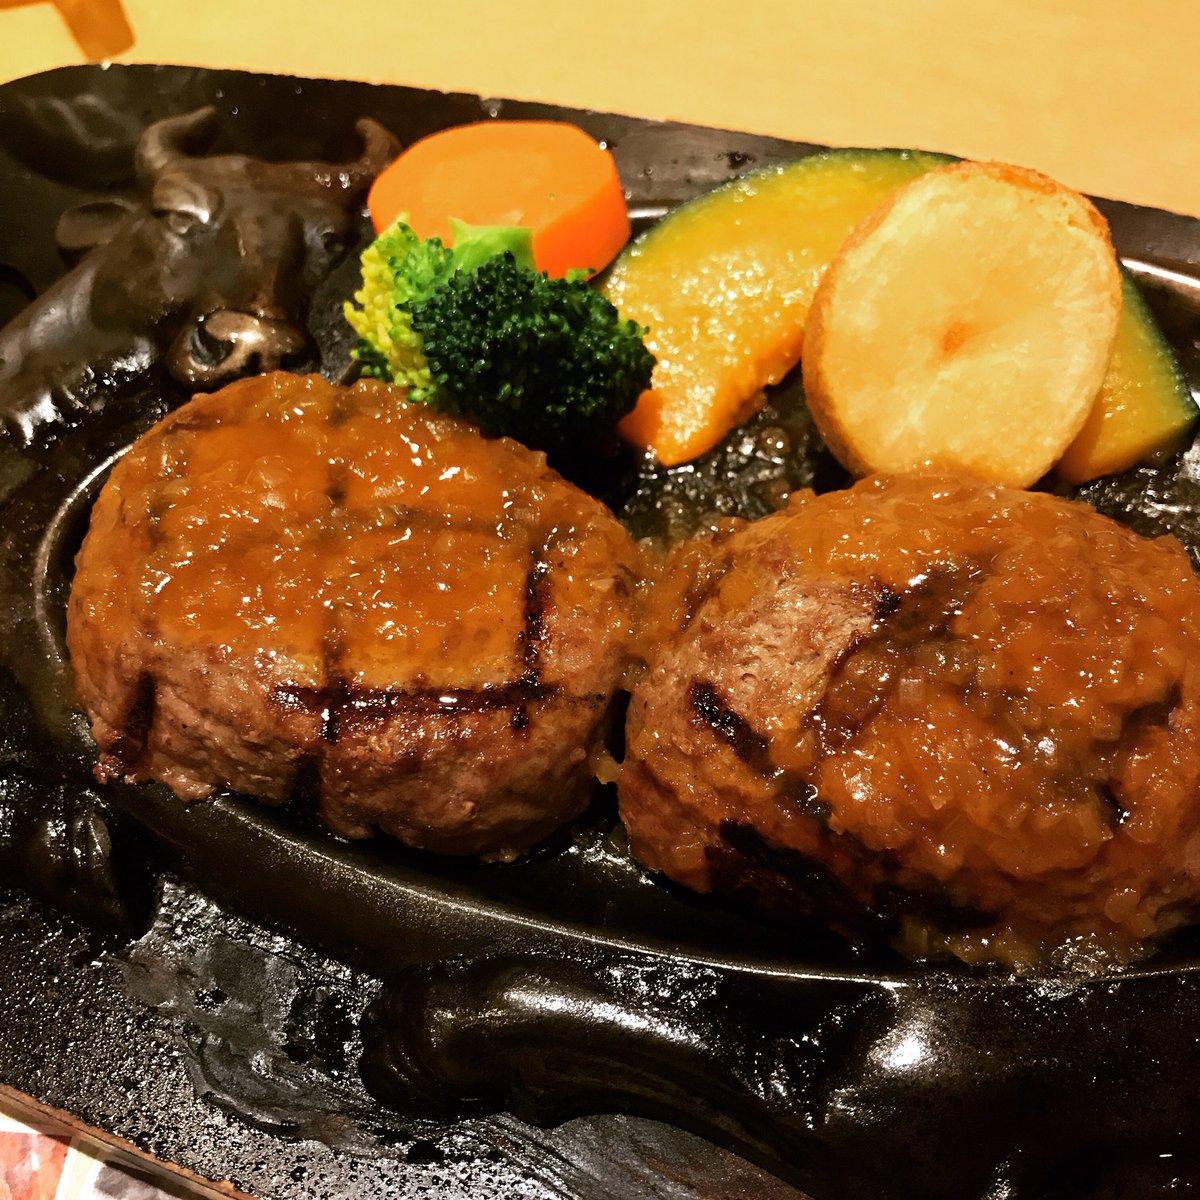 これはこないだ同人フレンズのみんなとハンバーグを食べるために静岡に行った時の写真